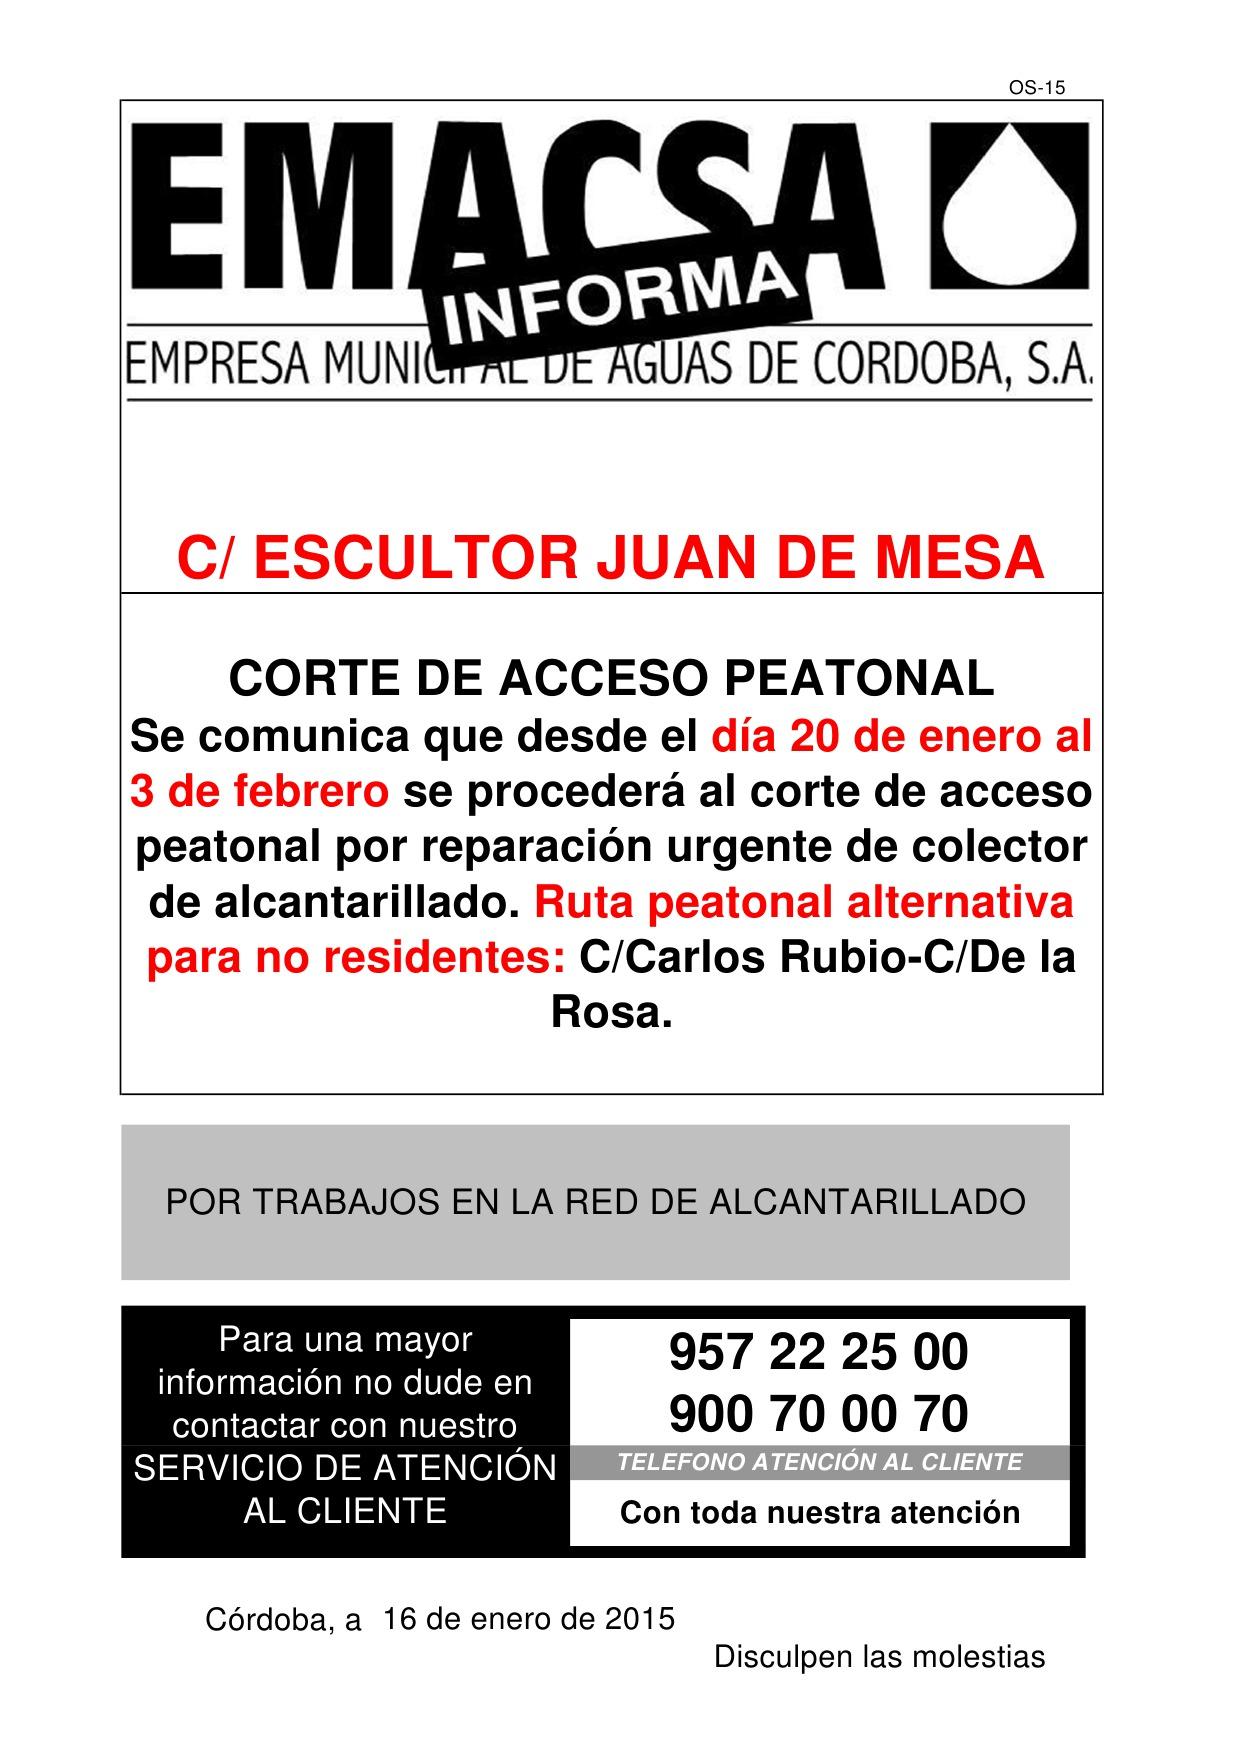 CALLE ESCULTOR JUAN DE MESA (ACCESO PEATONAL)